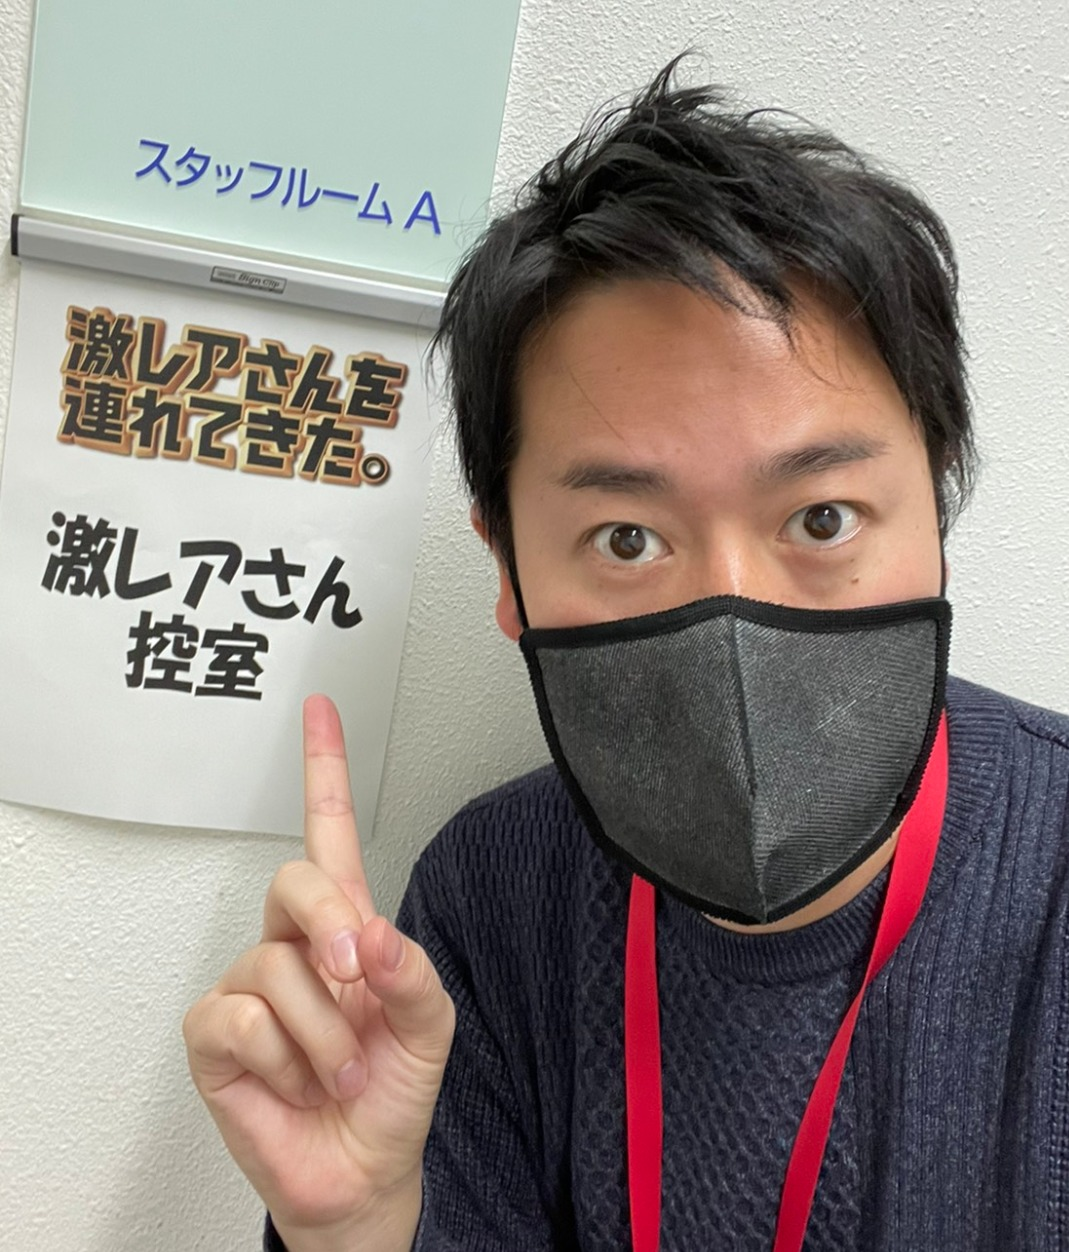 激レさん矢野トム社長(ヤノさん)Wiki経歴!妻や子供や年収!イベント会社はどこ?